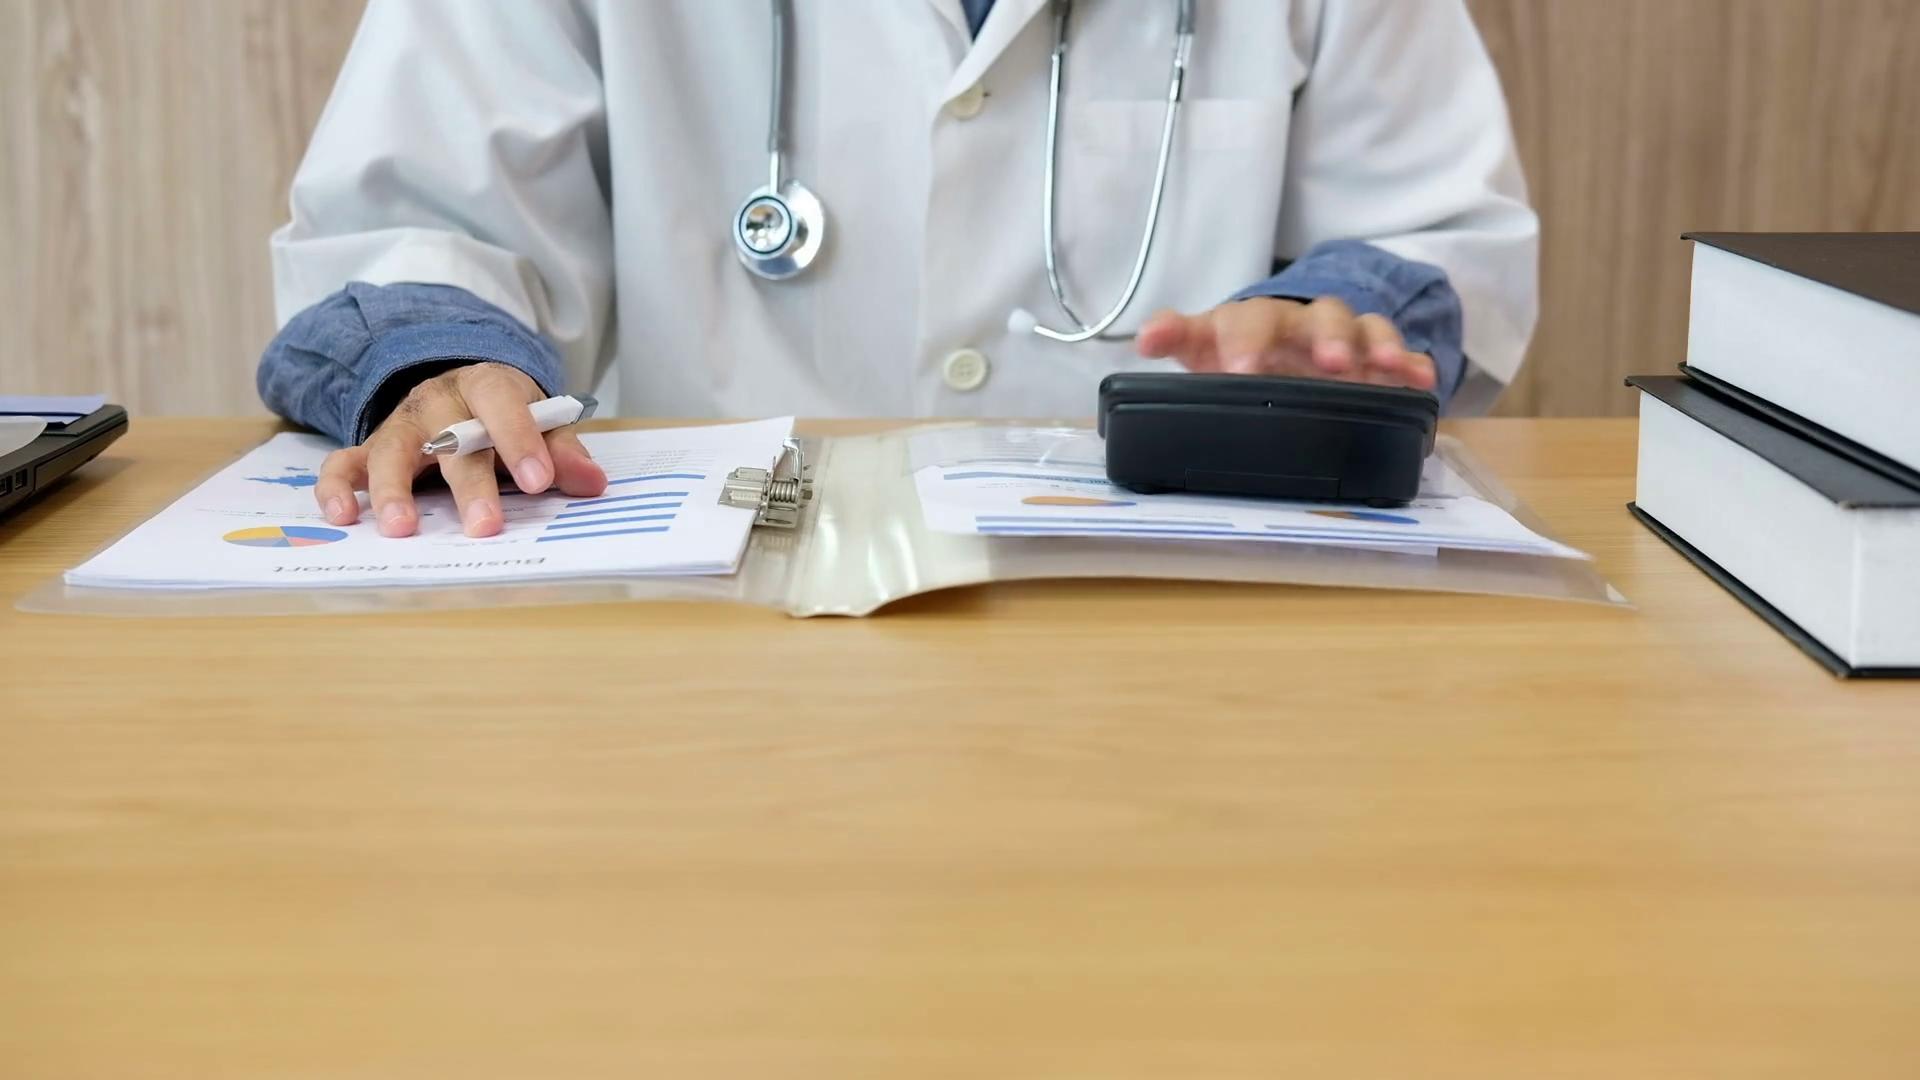 Пациенты вступились за врачей, наказанных за перерасход средств на лечение